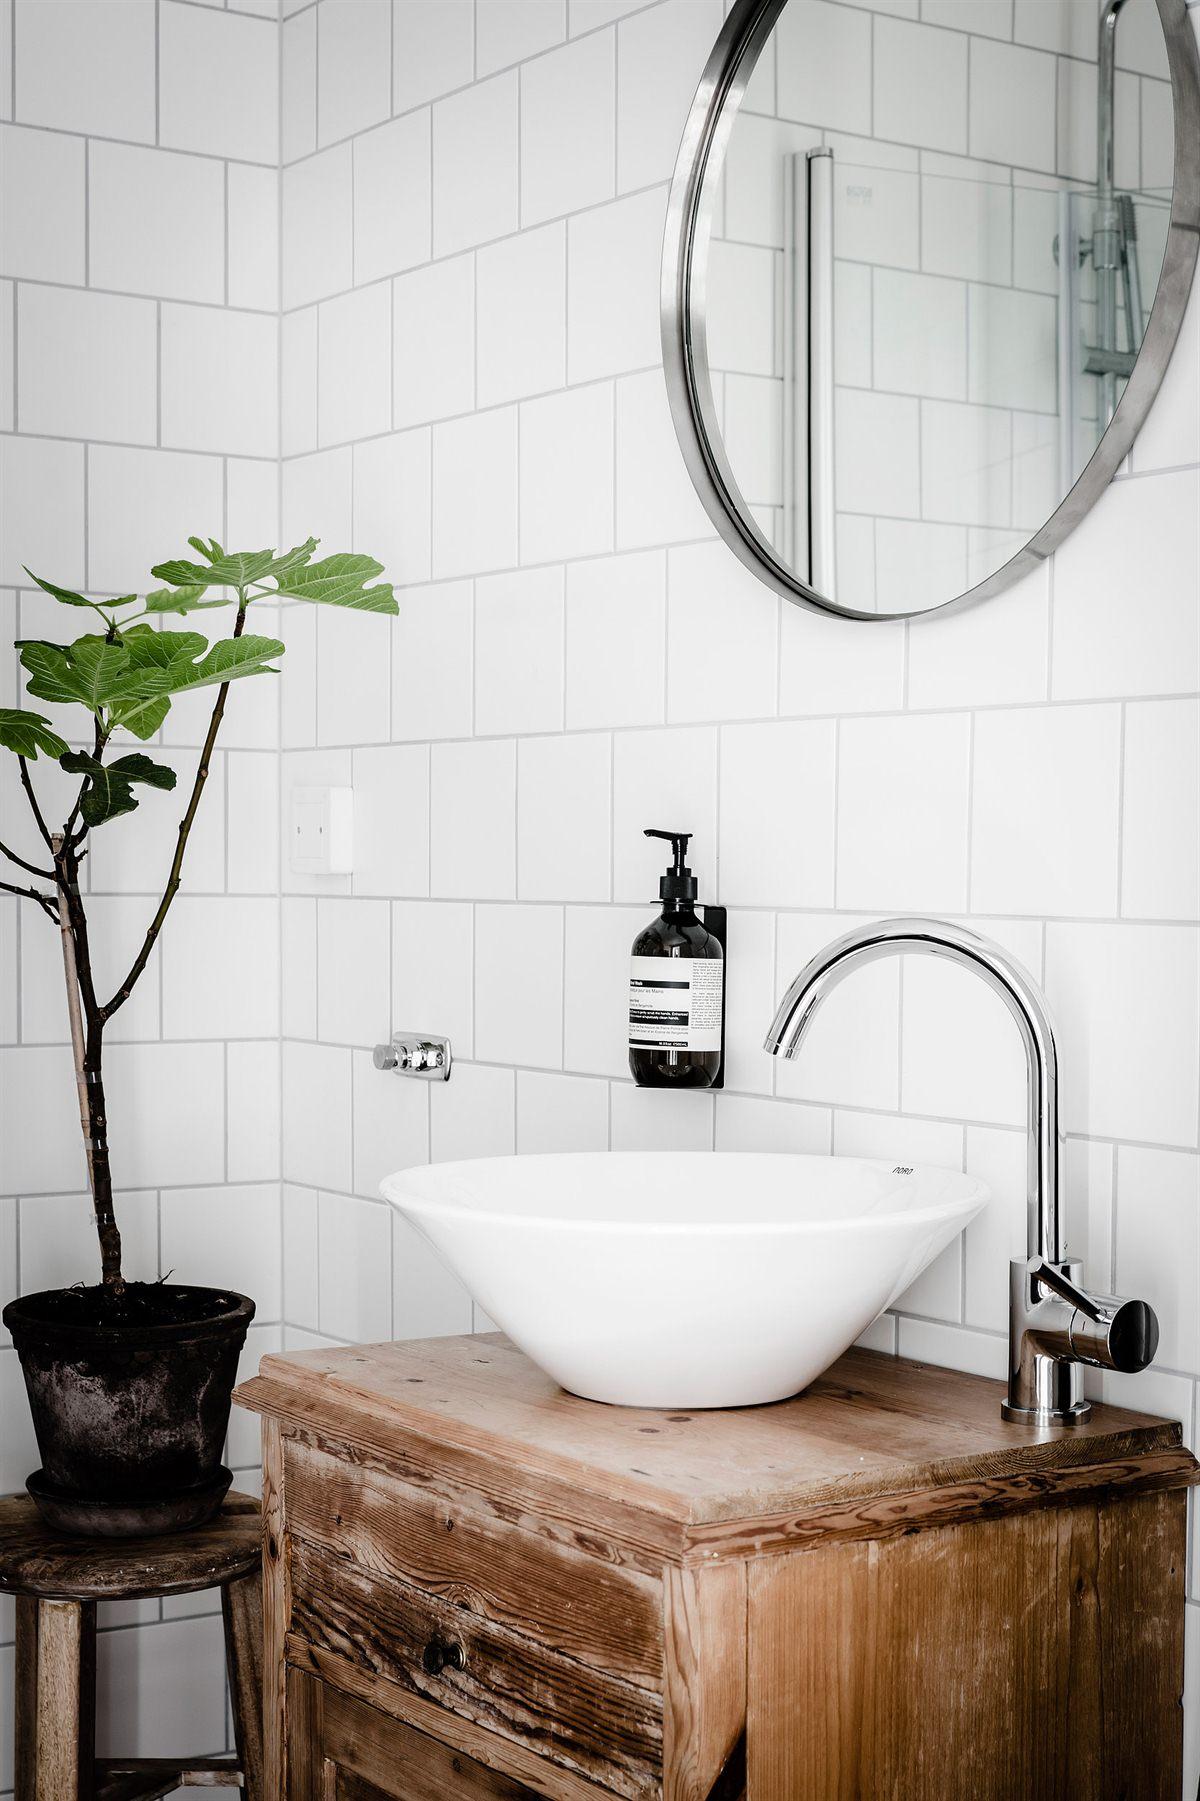 badkamers voorbeelden mooie details in een eenvoudige badkamer